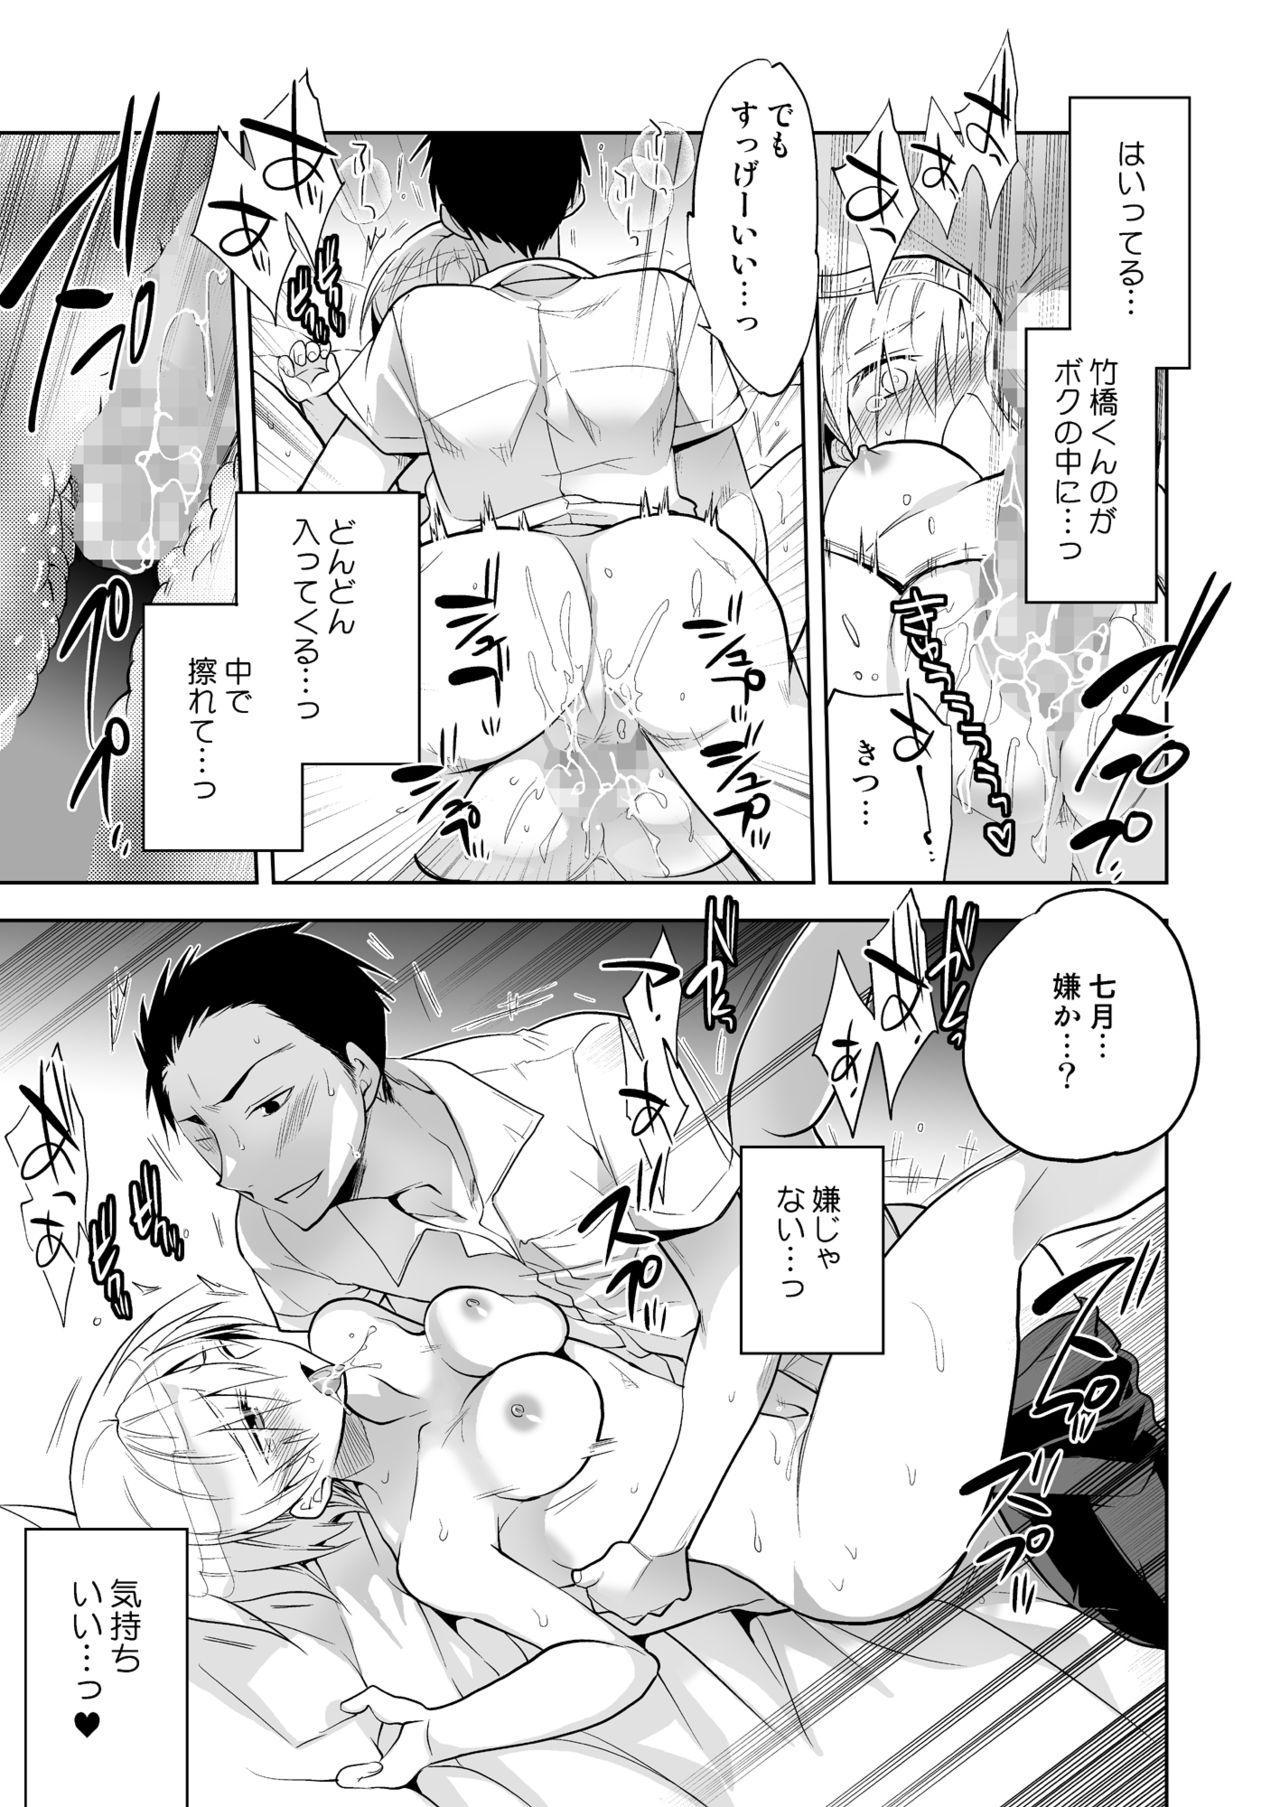 Boku no Hajimete no Tomodachi 18